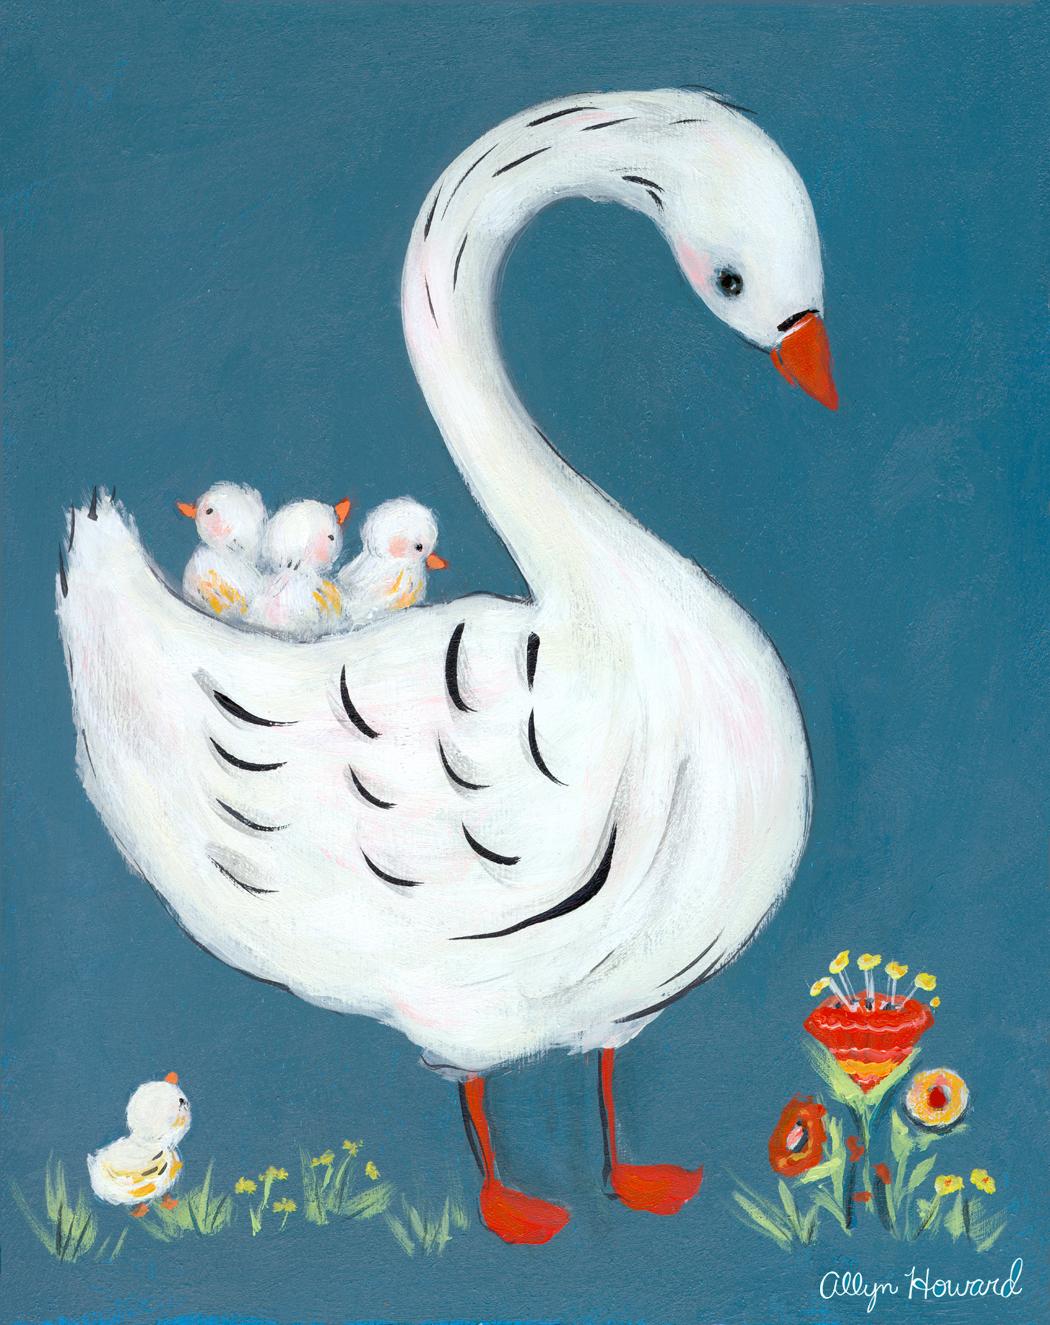 allyn_howard_Swan_with_babies.jpg